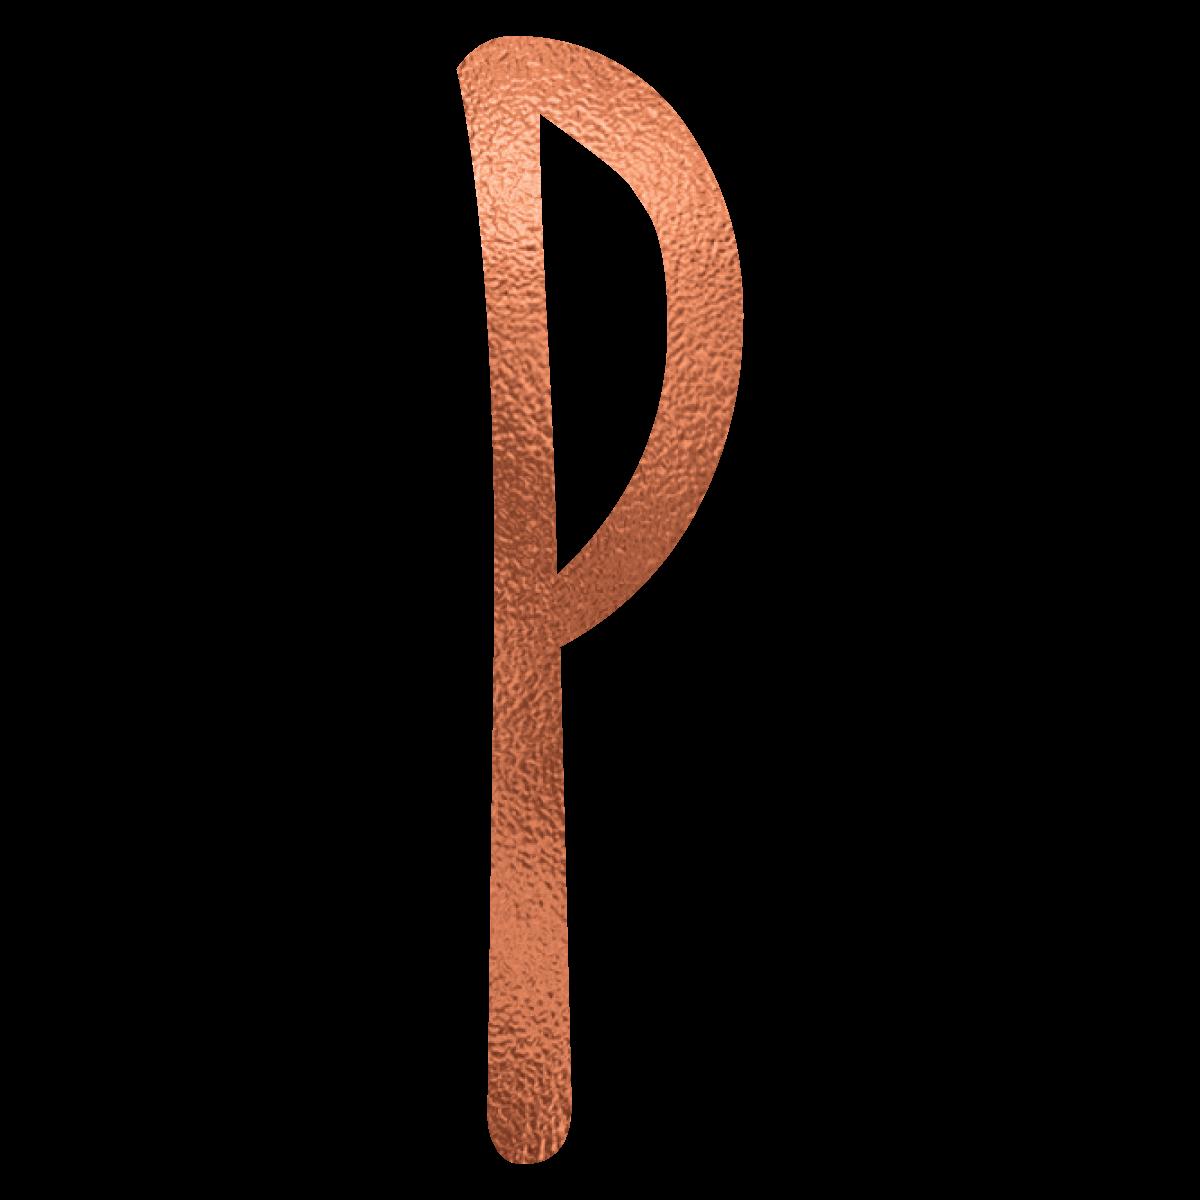 Alphabet_Am_Foil_Copper_Cap_P